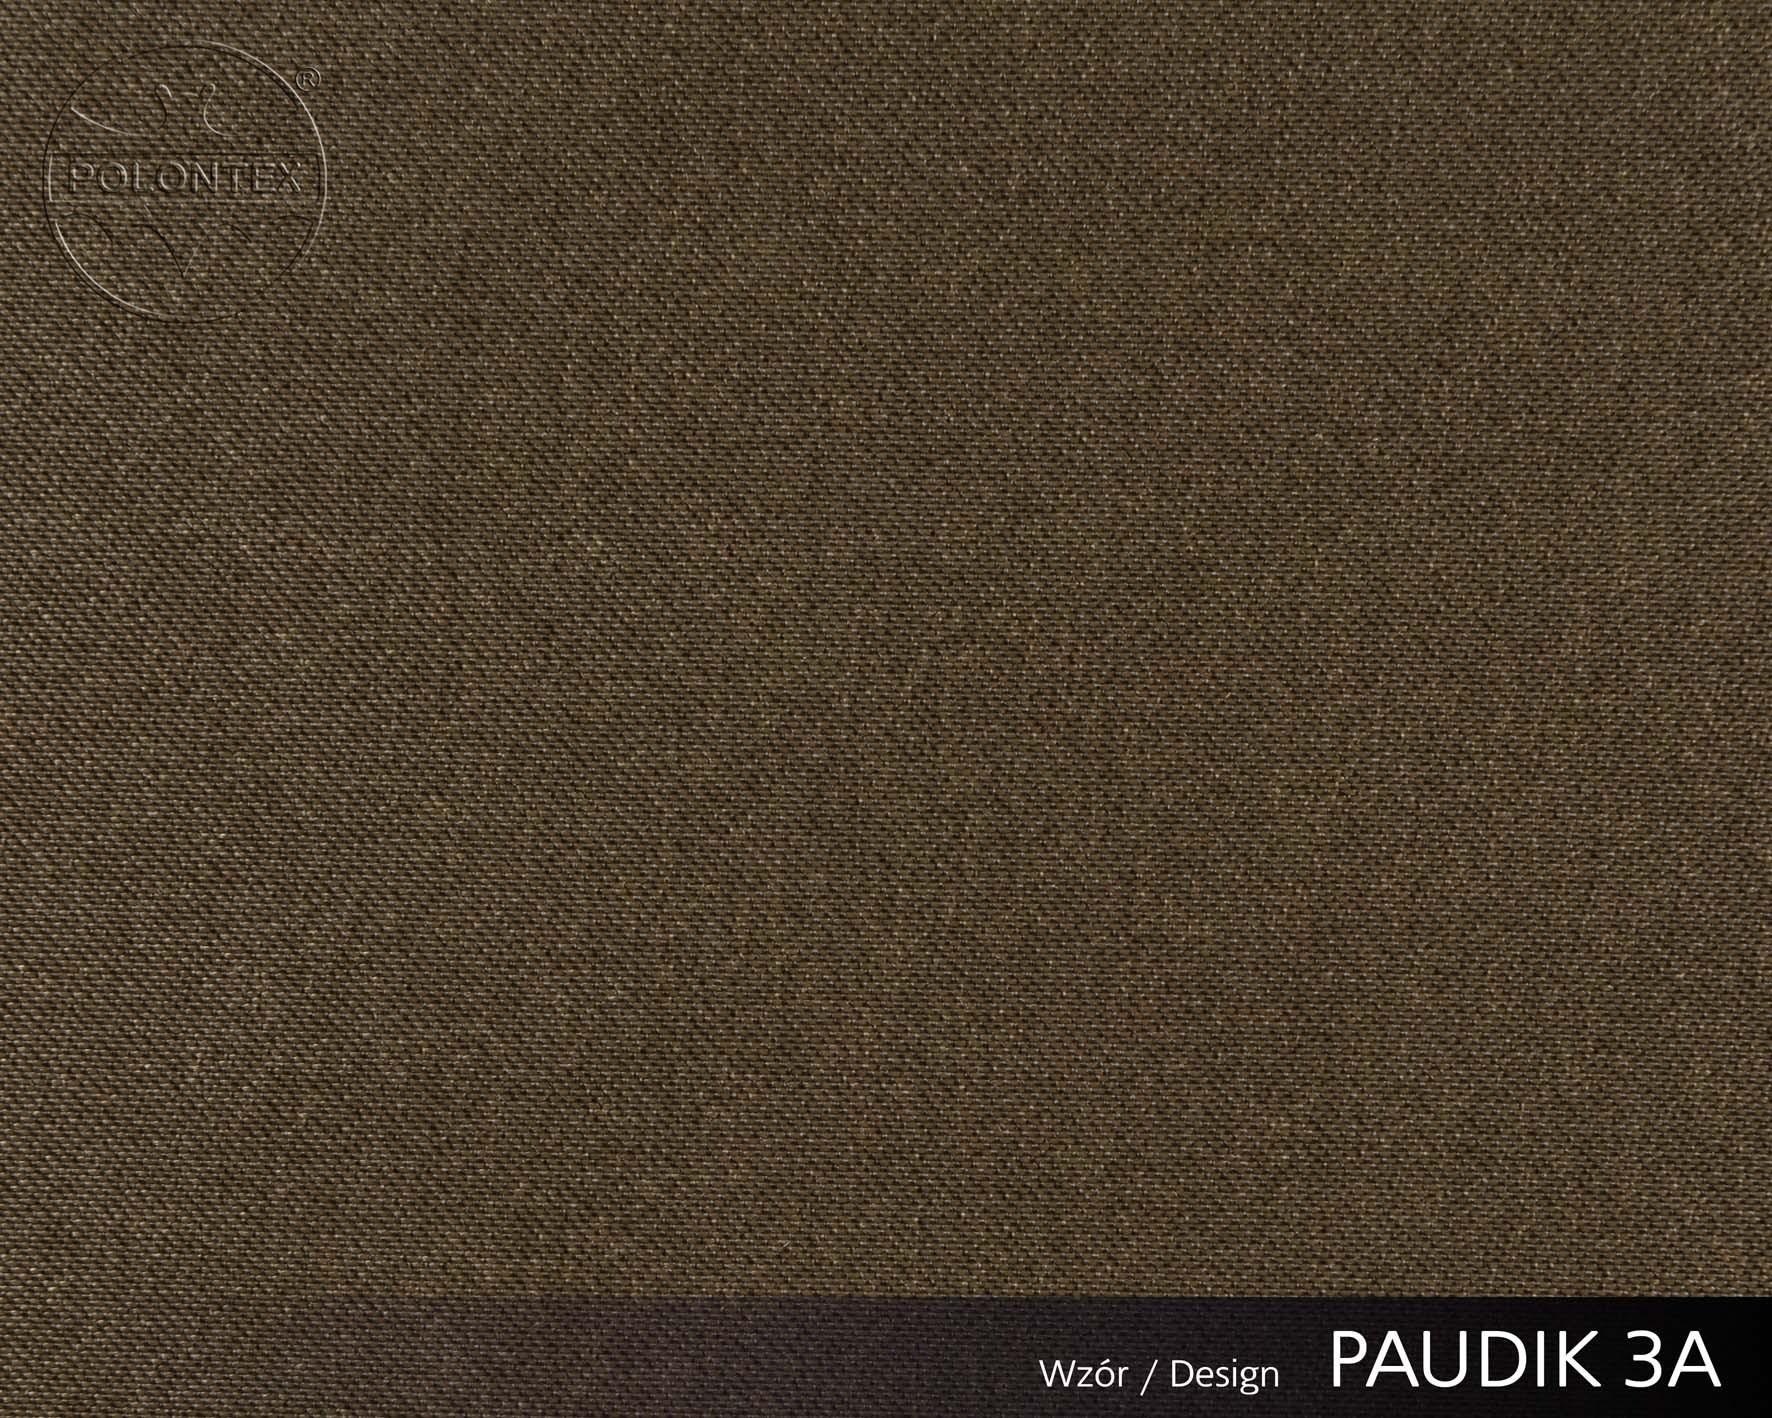 PAUDIK 7483